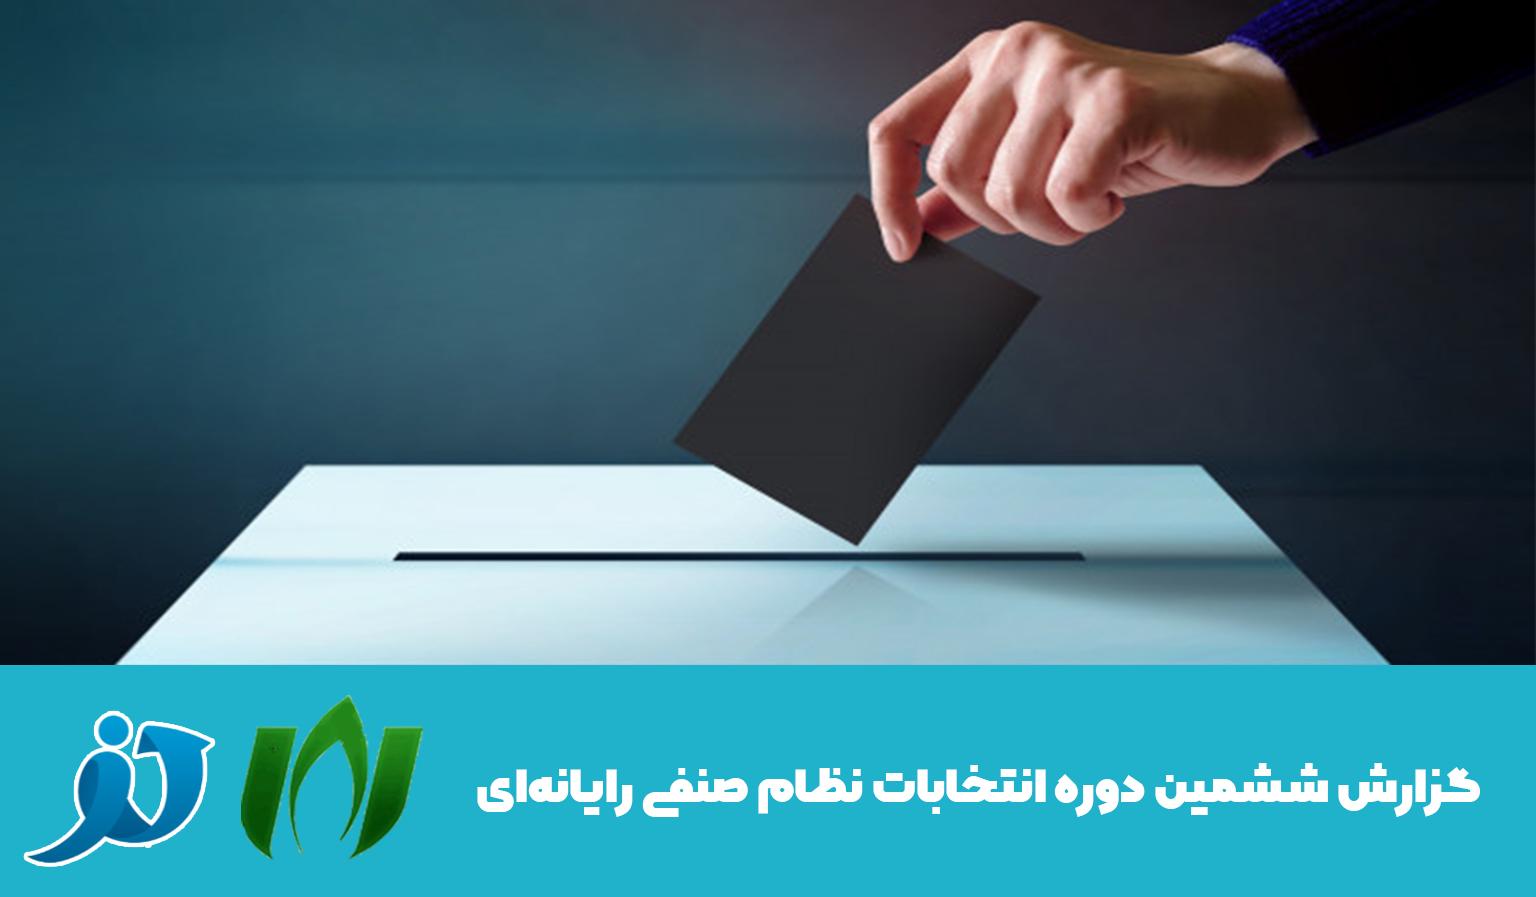 6امین دوره انتخابات سازمان نظام صنفی رایانهای 